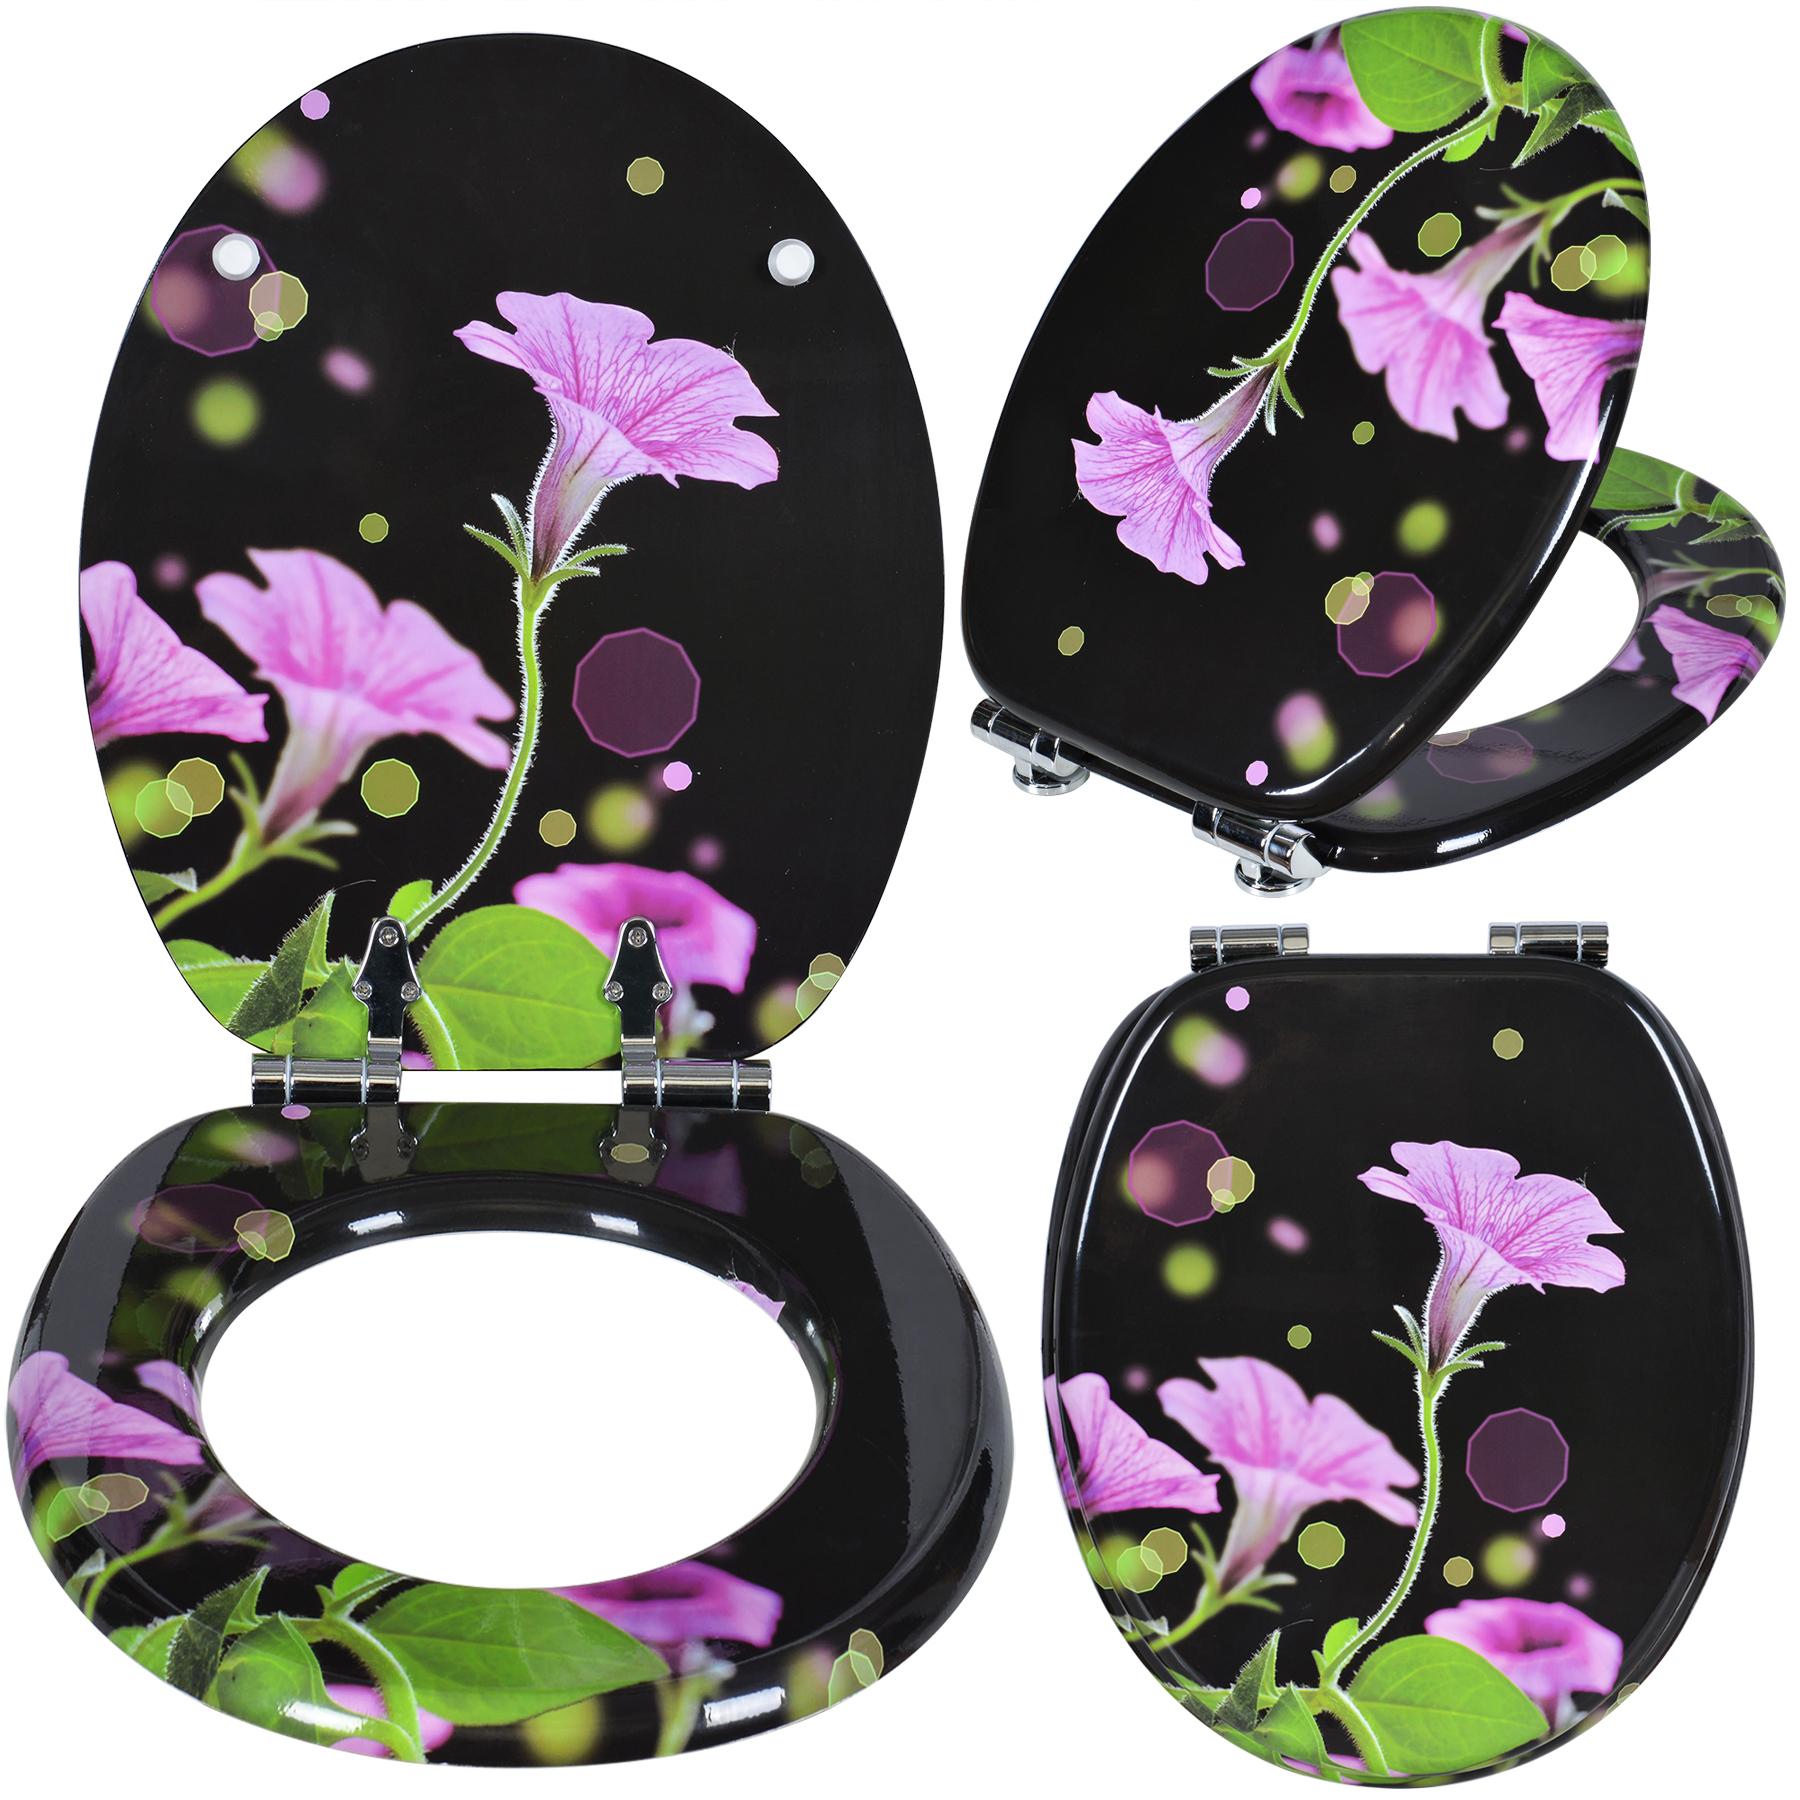 wc sitz toilettensitz toilettenbrille wc deckel klodeckel toiletten blumen 164 ebay. Black Bedroom Furniture Sets. Home Design Ideas